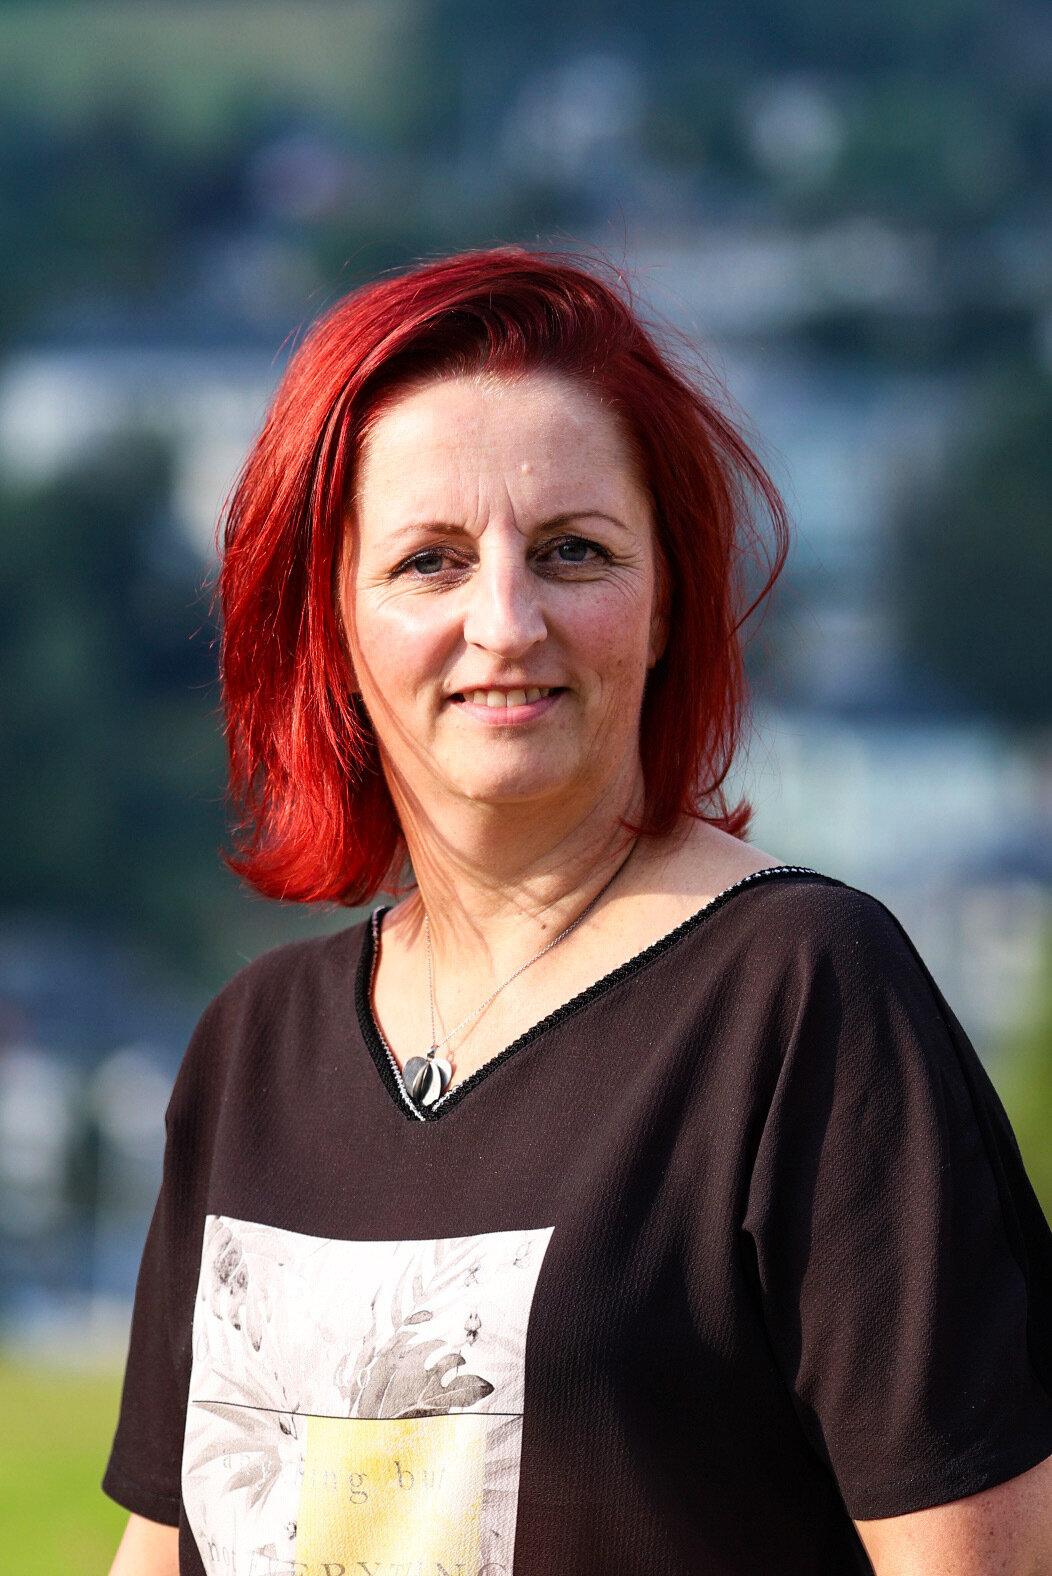 Annett Benkert